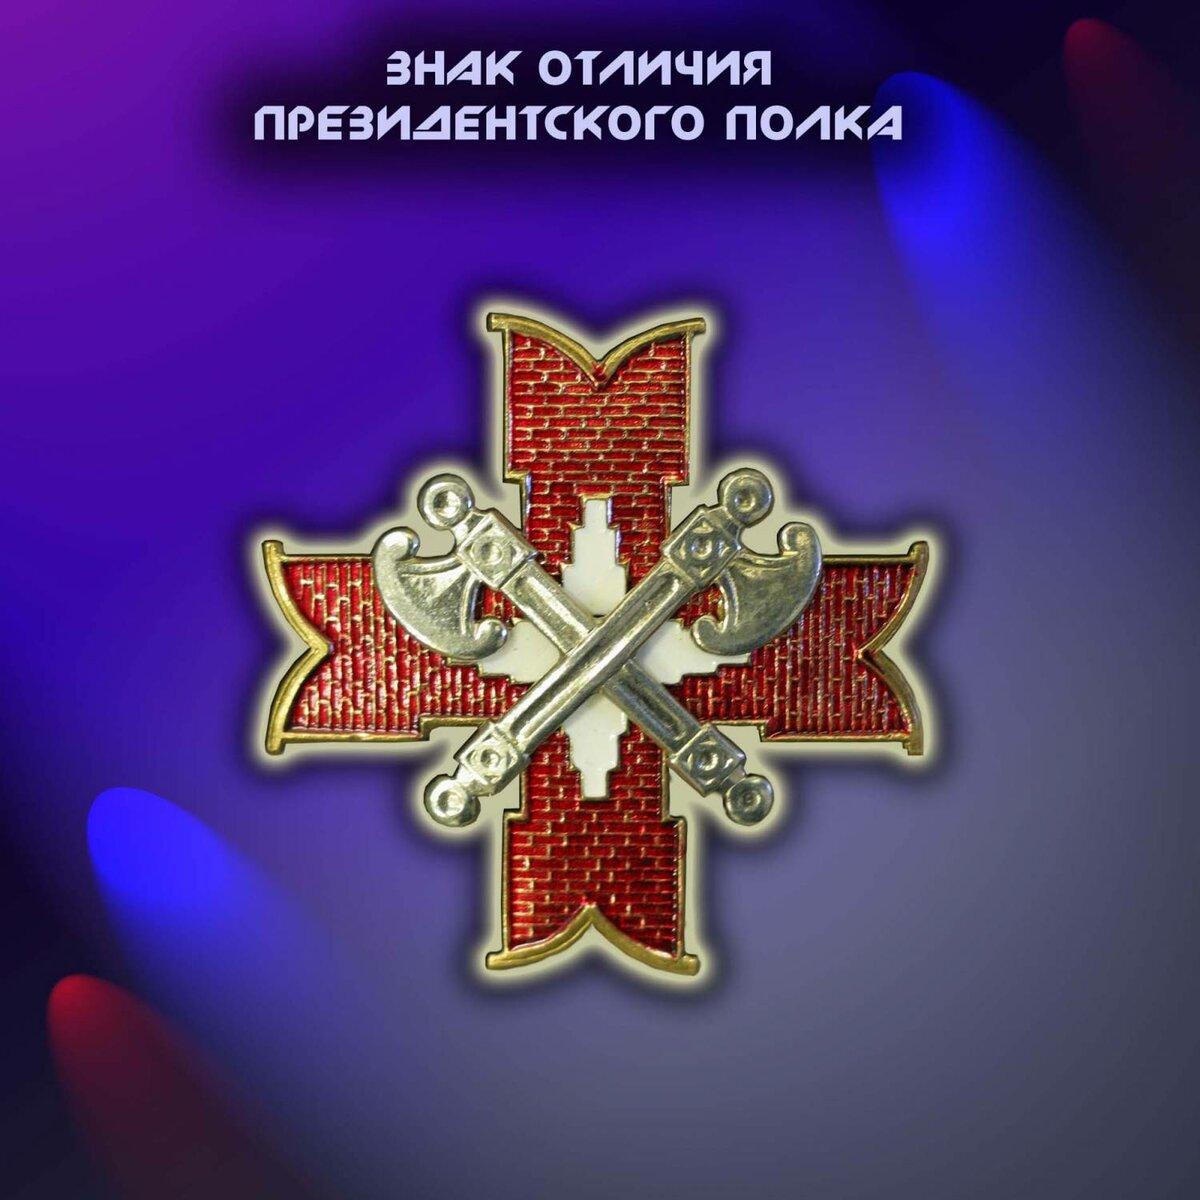 С днем президентского полка открытки